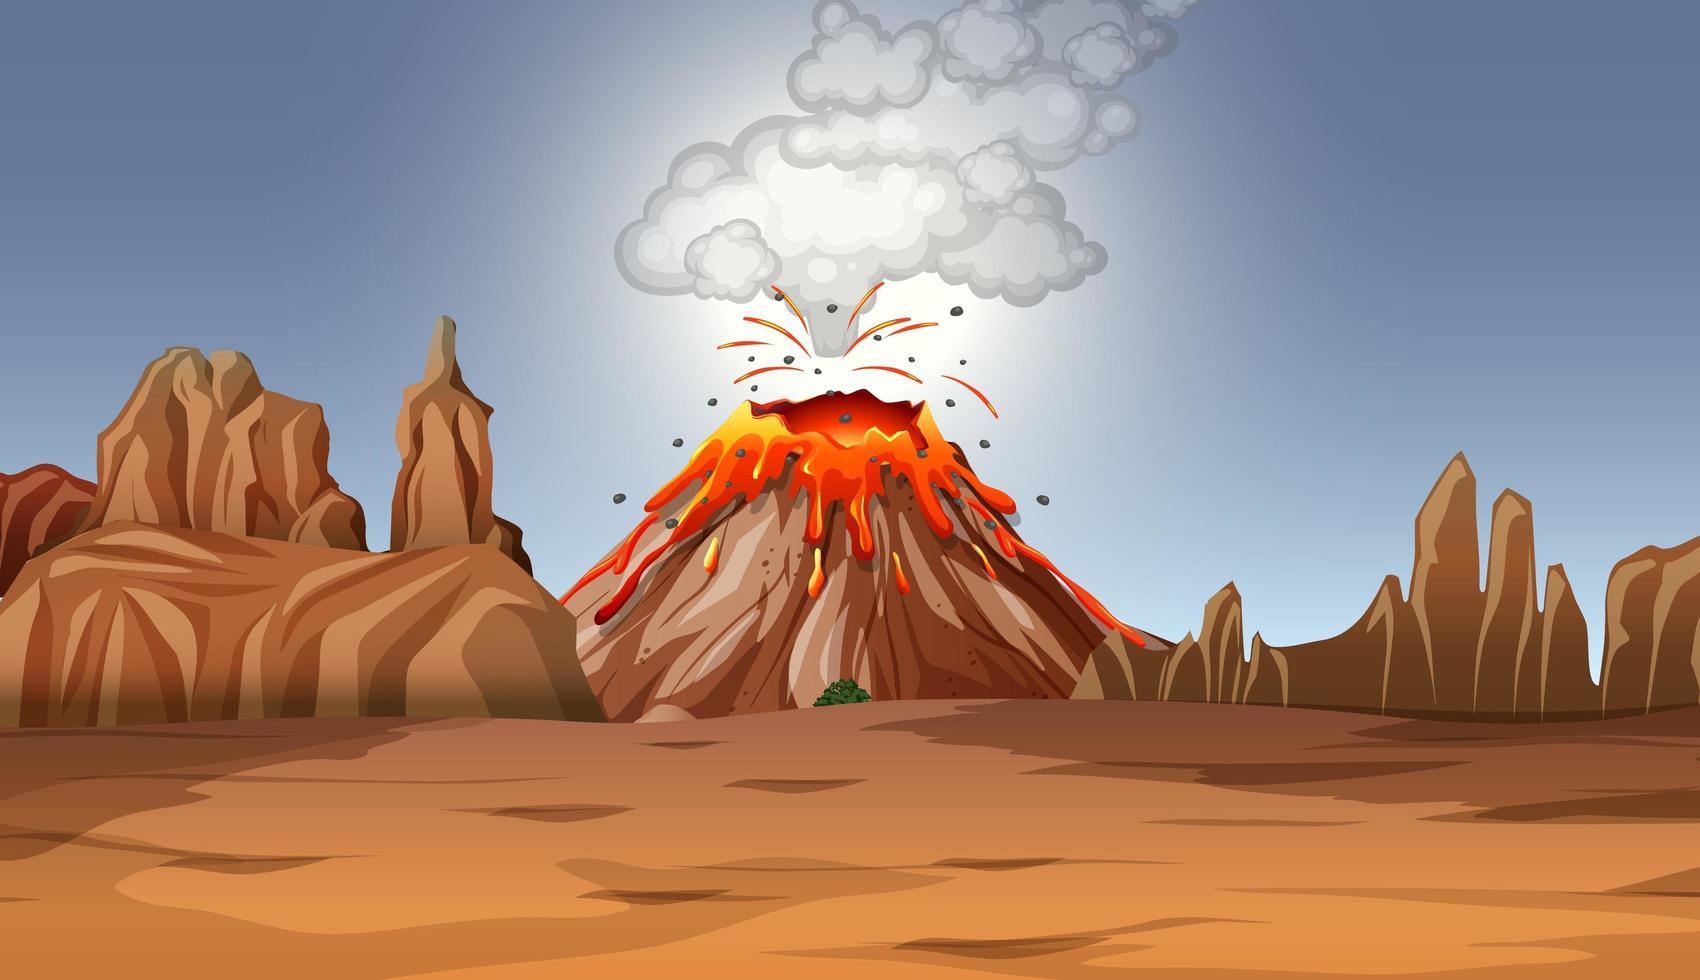 Volcano eruption in desert scene at daytime vector